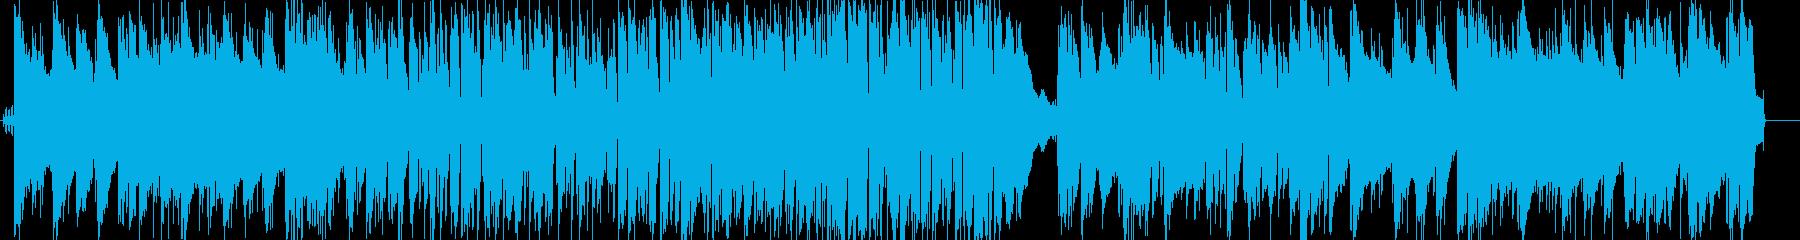 さわやかなボサノバ風ピアノトリオの再生済みの波形